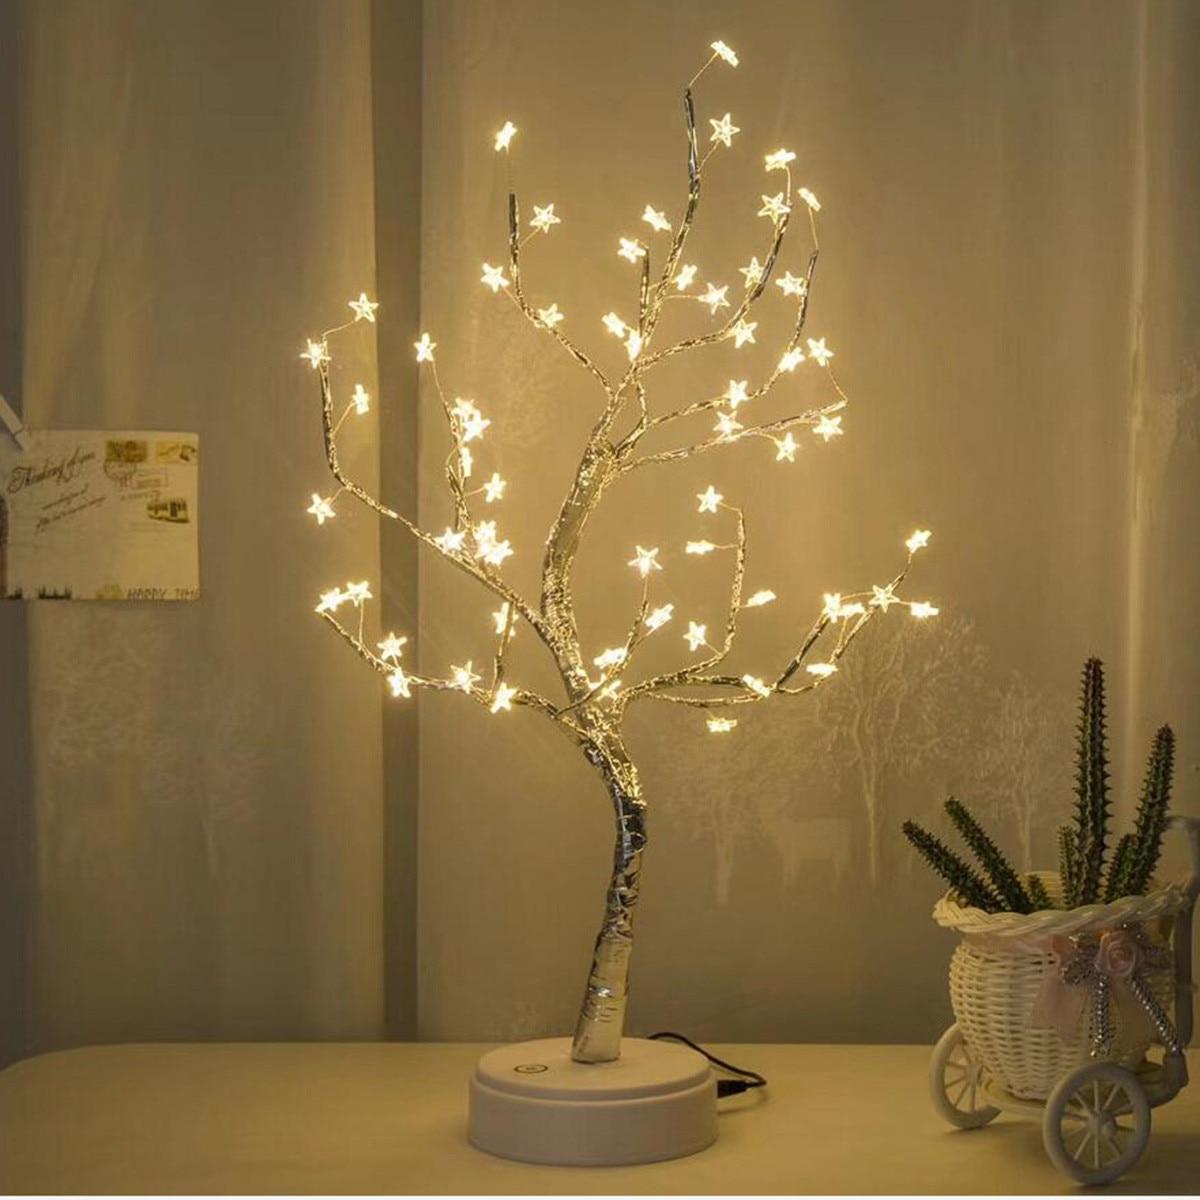 الأصلي ALIWARM الأبيض LED مع 60 وايت ستار الجدول مصباح للمنزل الديكور الزفاف نوم دروبشيبينغ 20